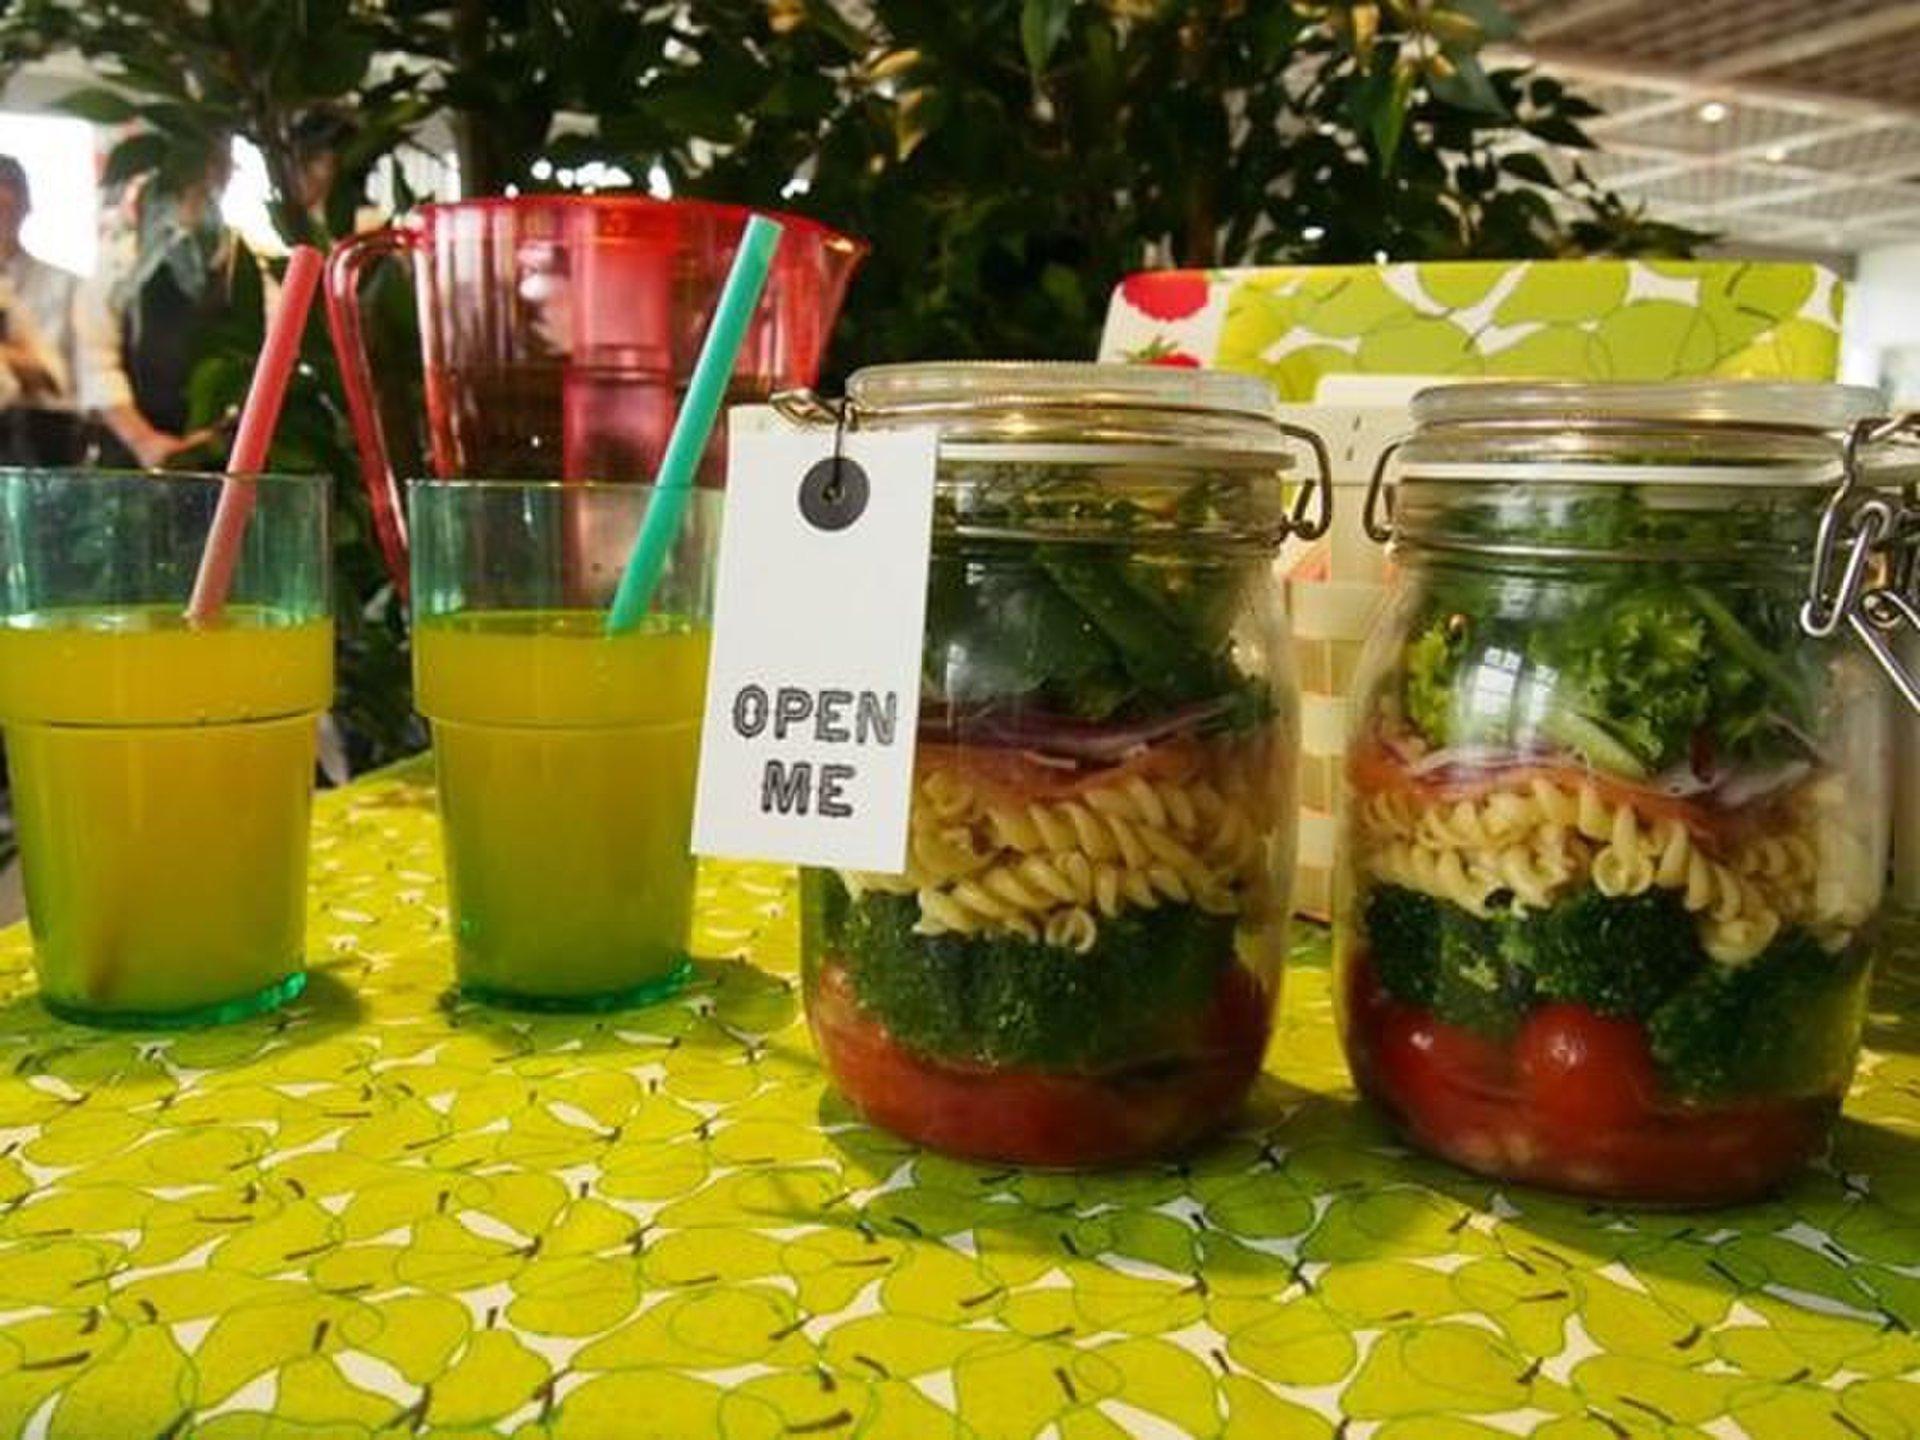 【話題のジャーサラダを食べる!】IKEA船橋店で味わうレストランとキッチン用品356+